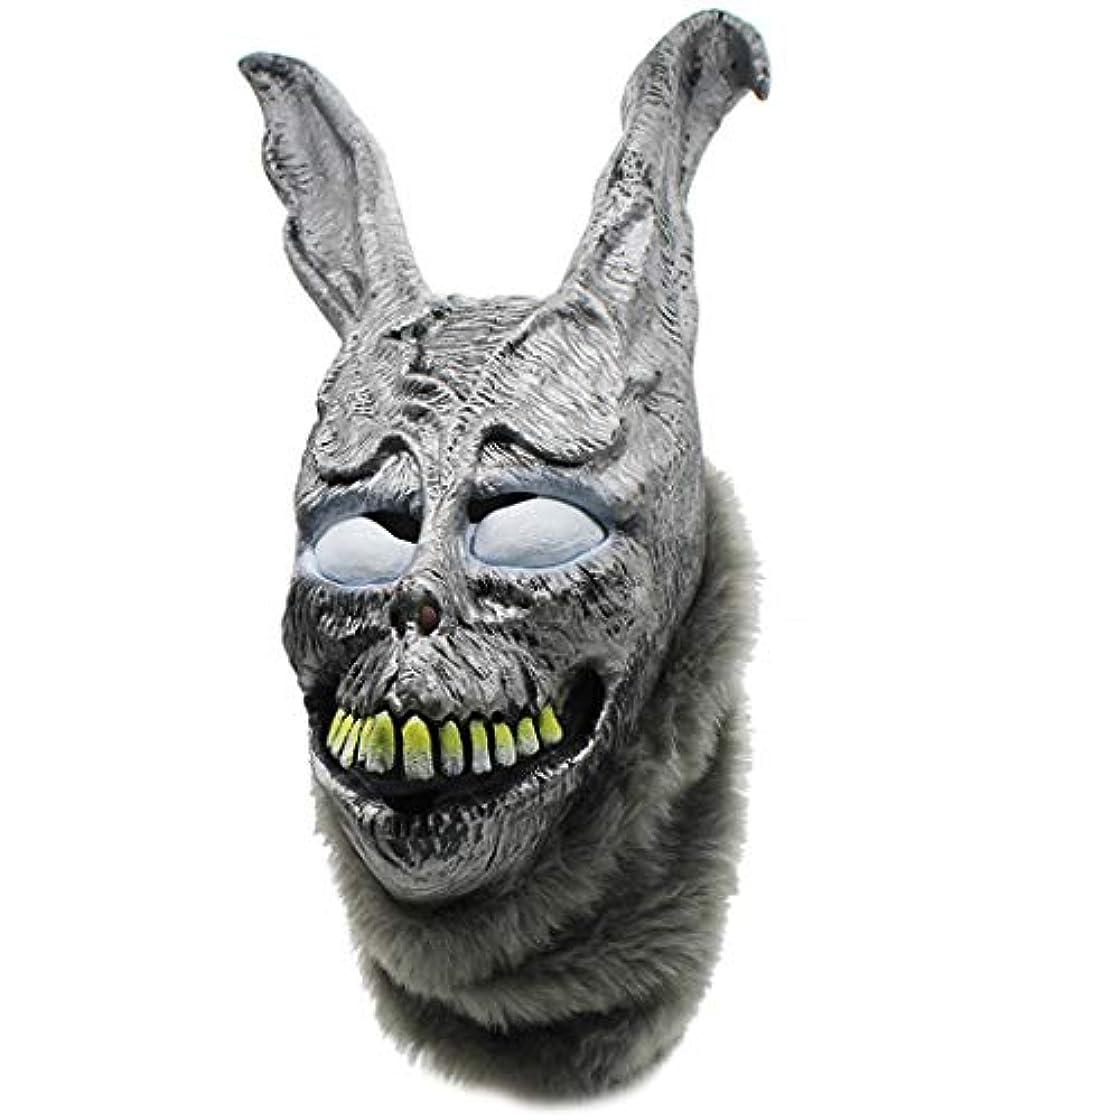 タック大胆遺棄された怒っているウサギのマスクフランク悪シルバーラビットアニマルヘッドギアパーティーアニマルマスク